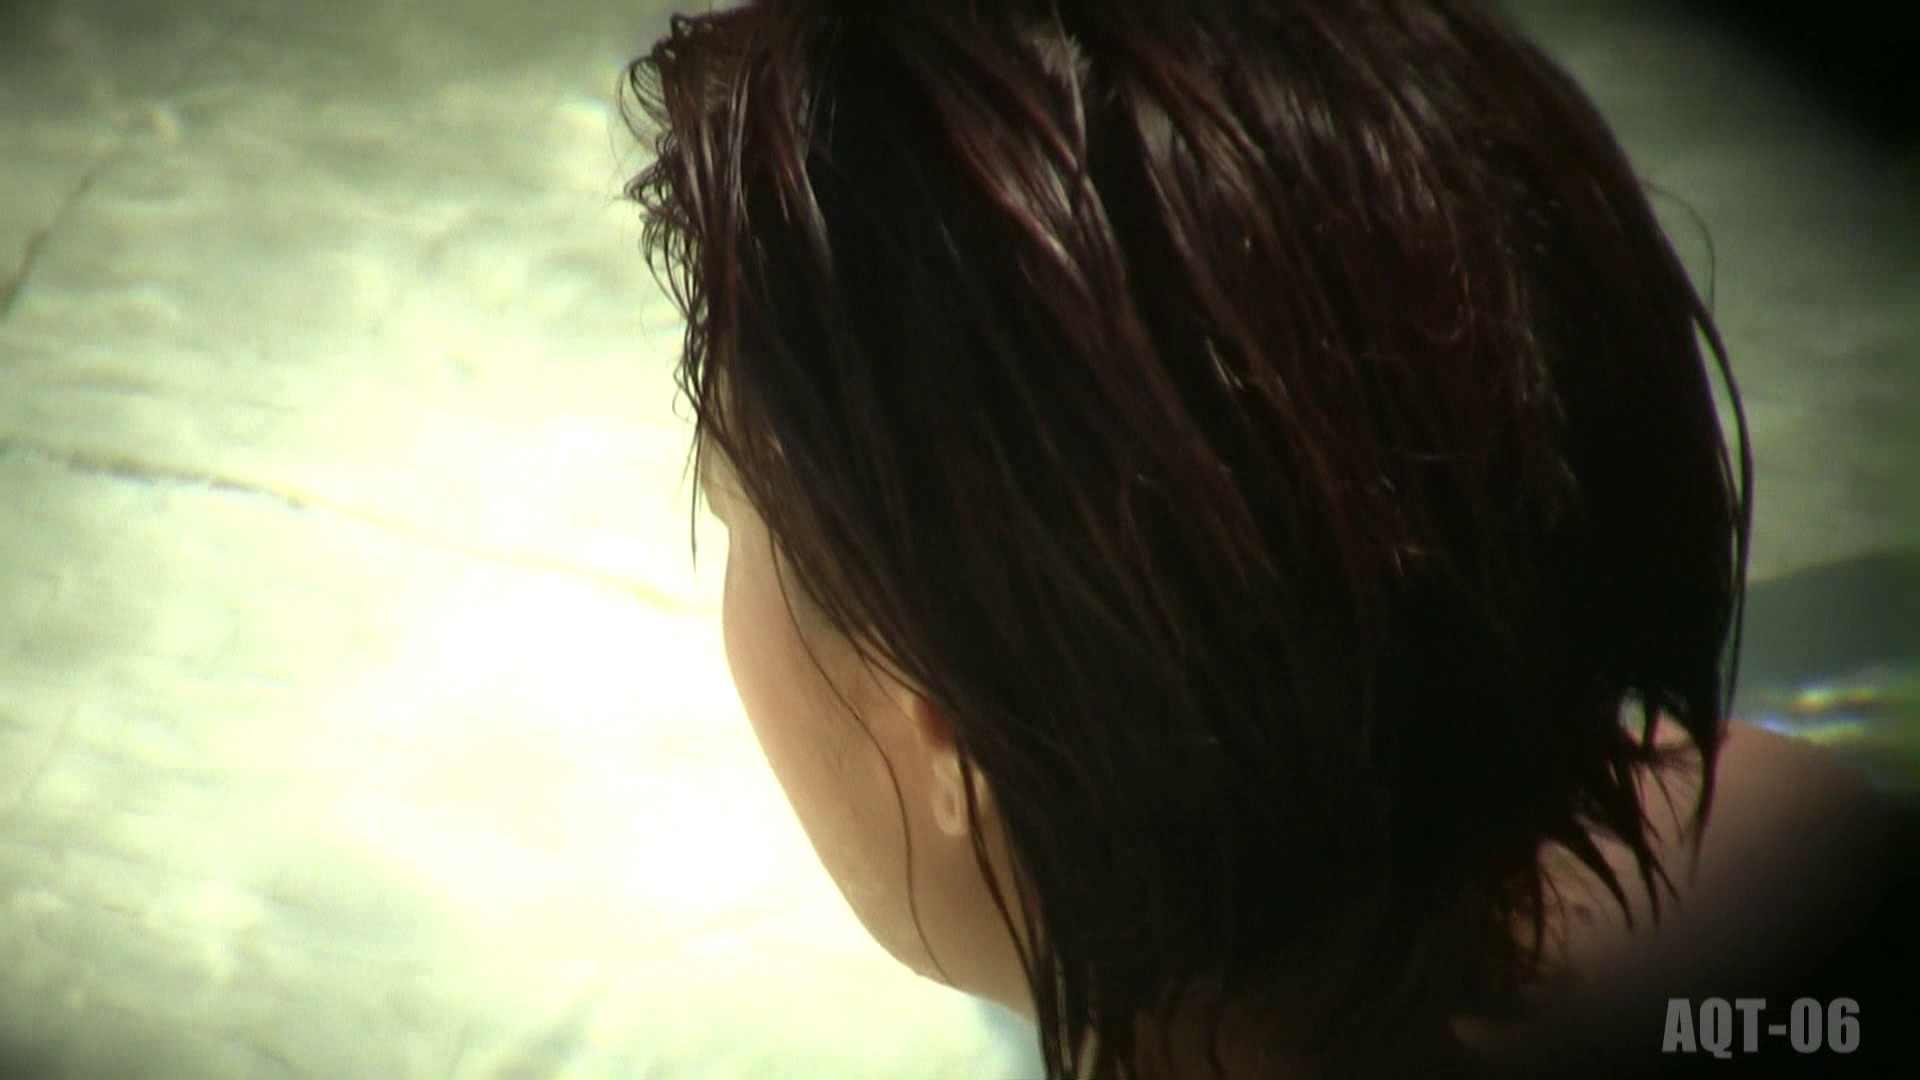 Aquaな露天風呂Vol.756 美しいOLの裸体 | 盗撮師作品  99pic 73